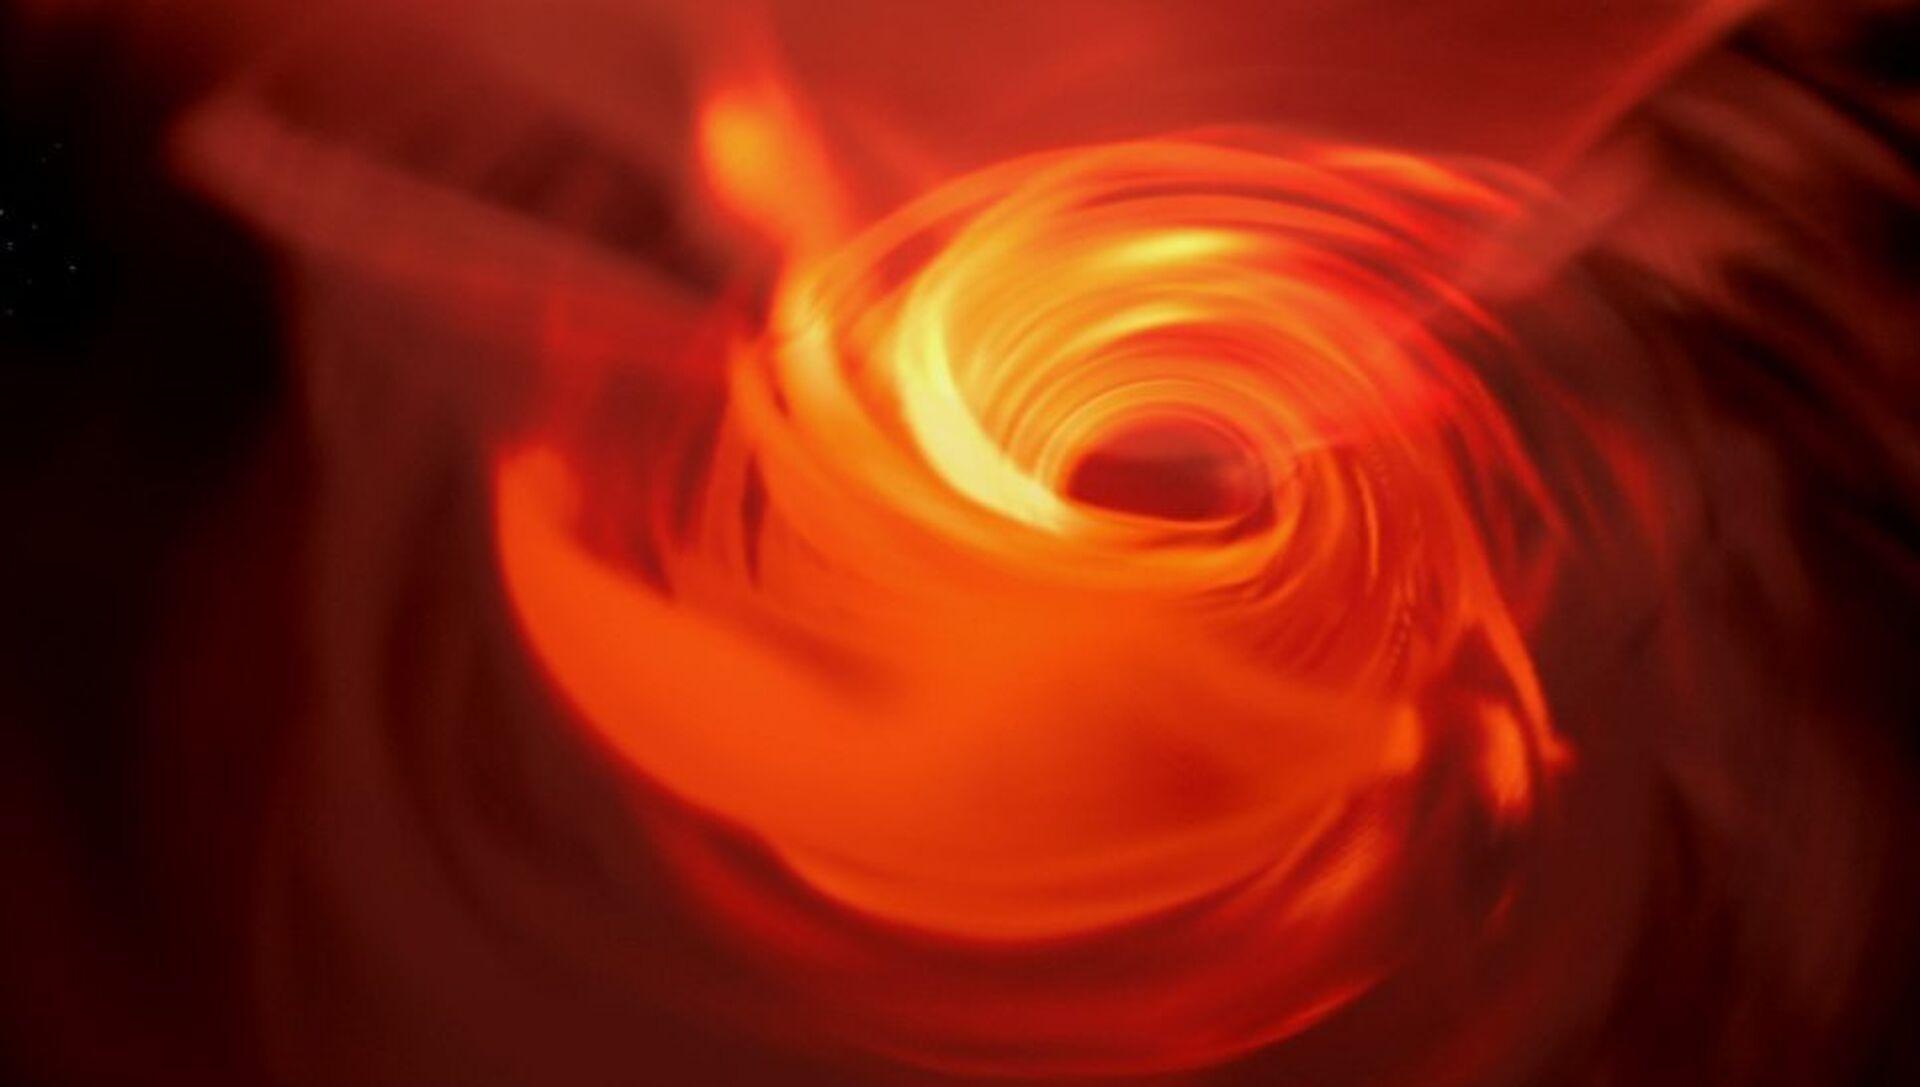 Gli astronomi creano una riproduzione VR del buco nero al centro della galassia - Sputnik Italia, 1920, 20.04.2021